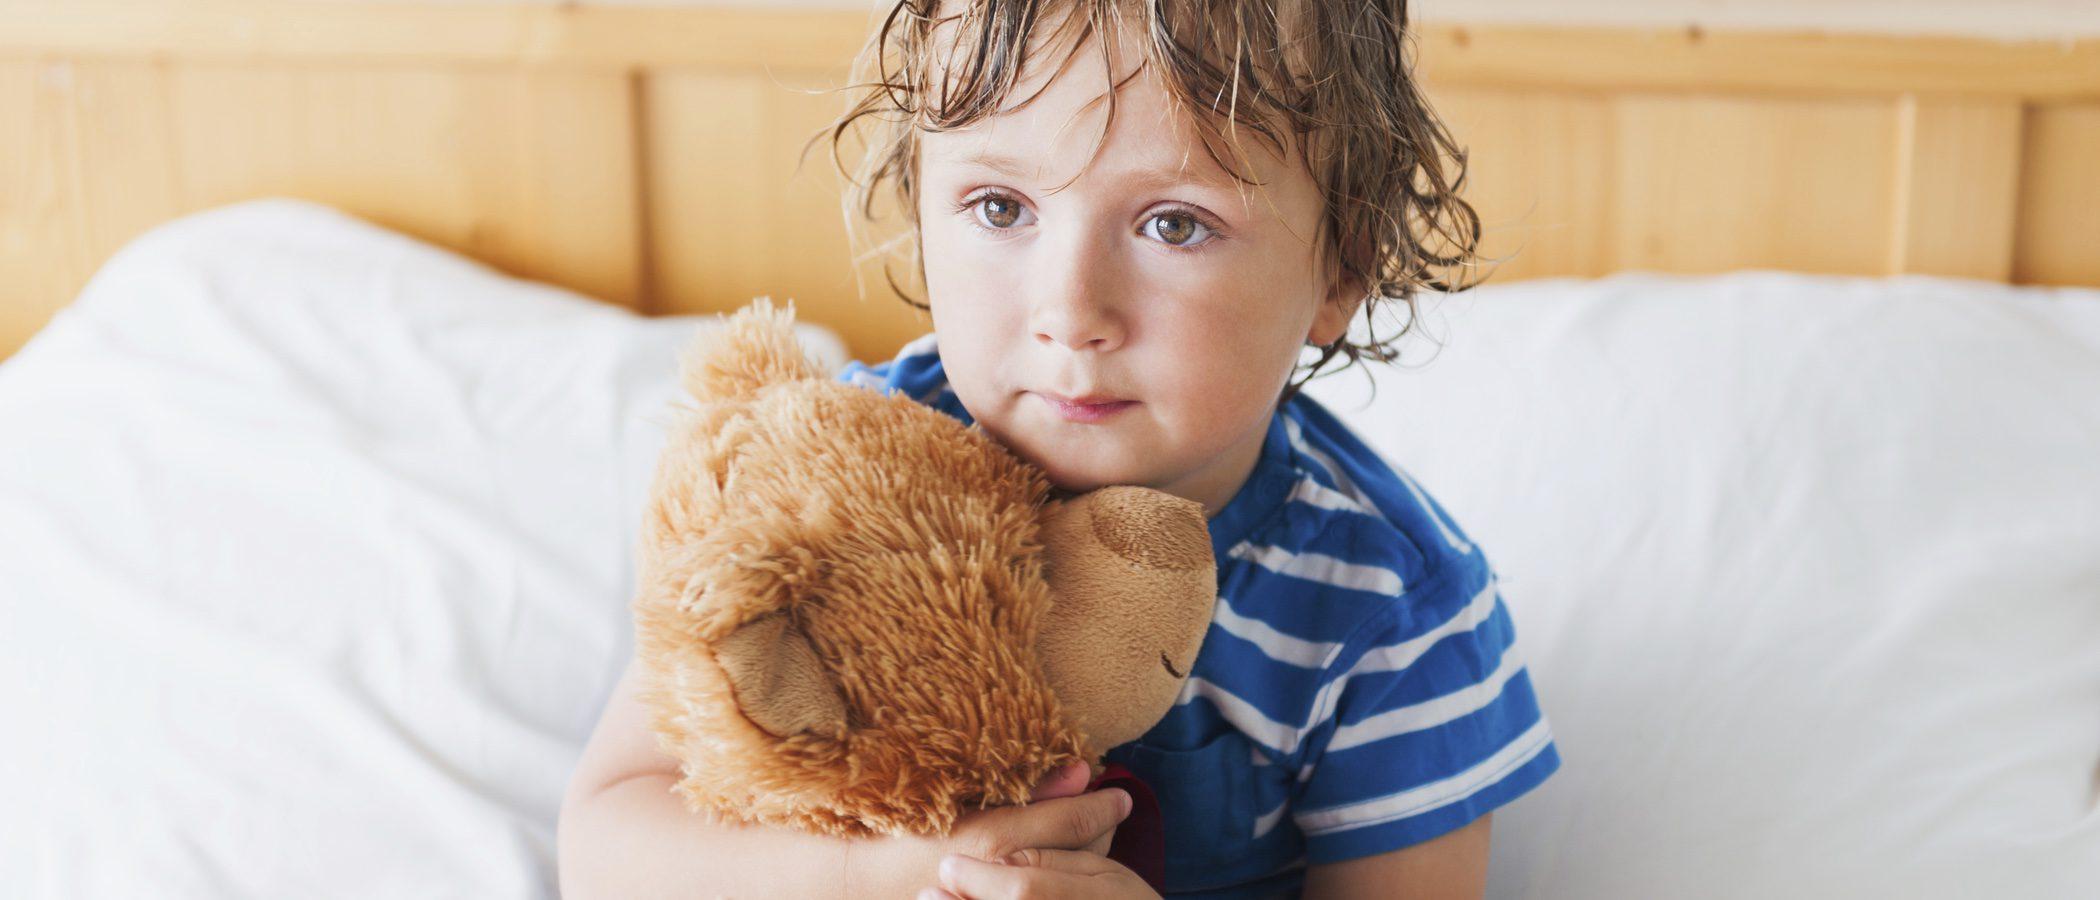 Mi hijo moja la cama, ¿cómo reaccionar?